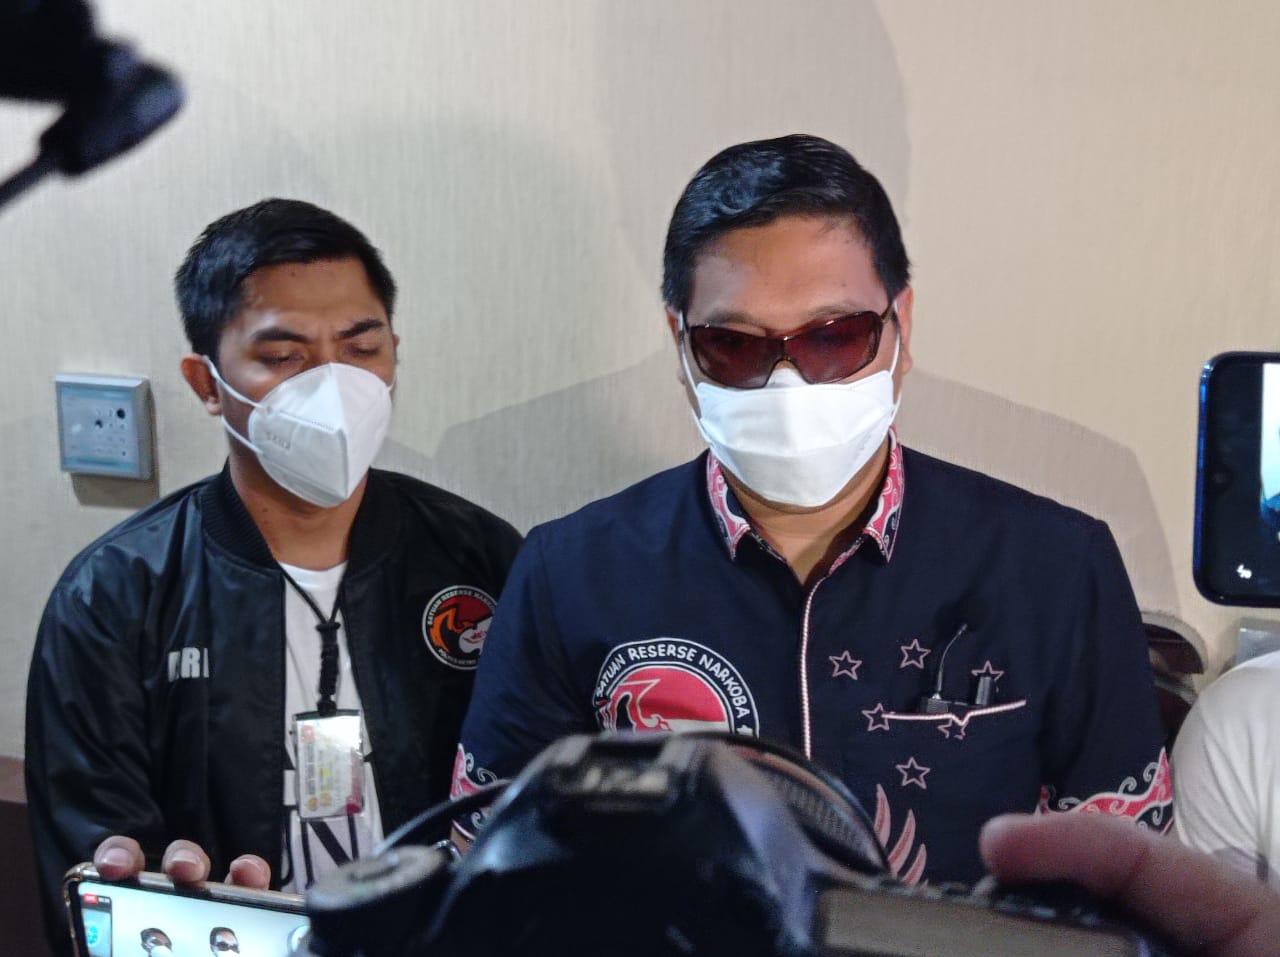 Artis Js Jalani Pemeriksaan Kesehatan Di Polres Metro Jakarta Barat